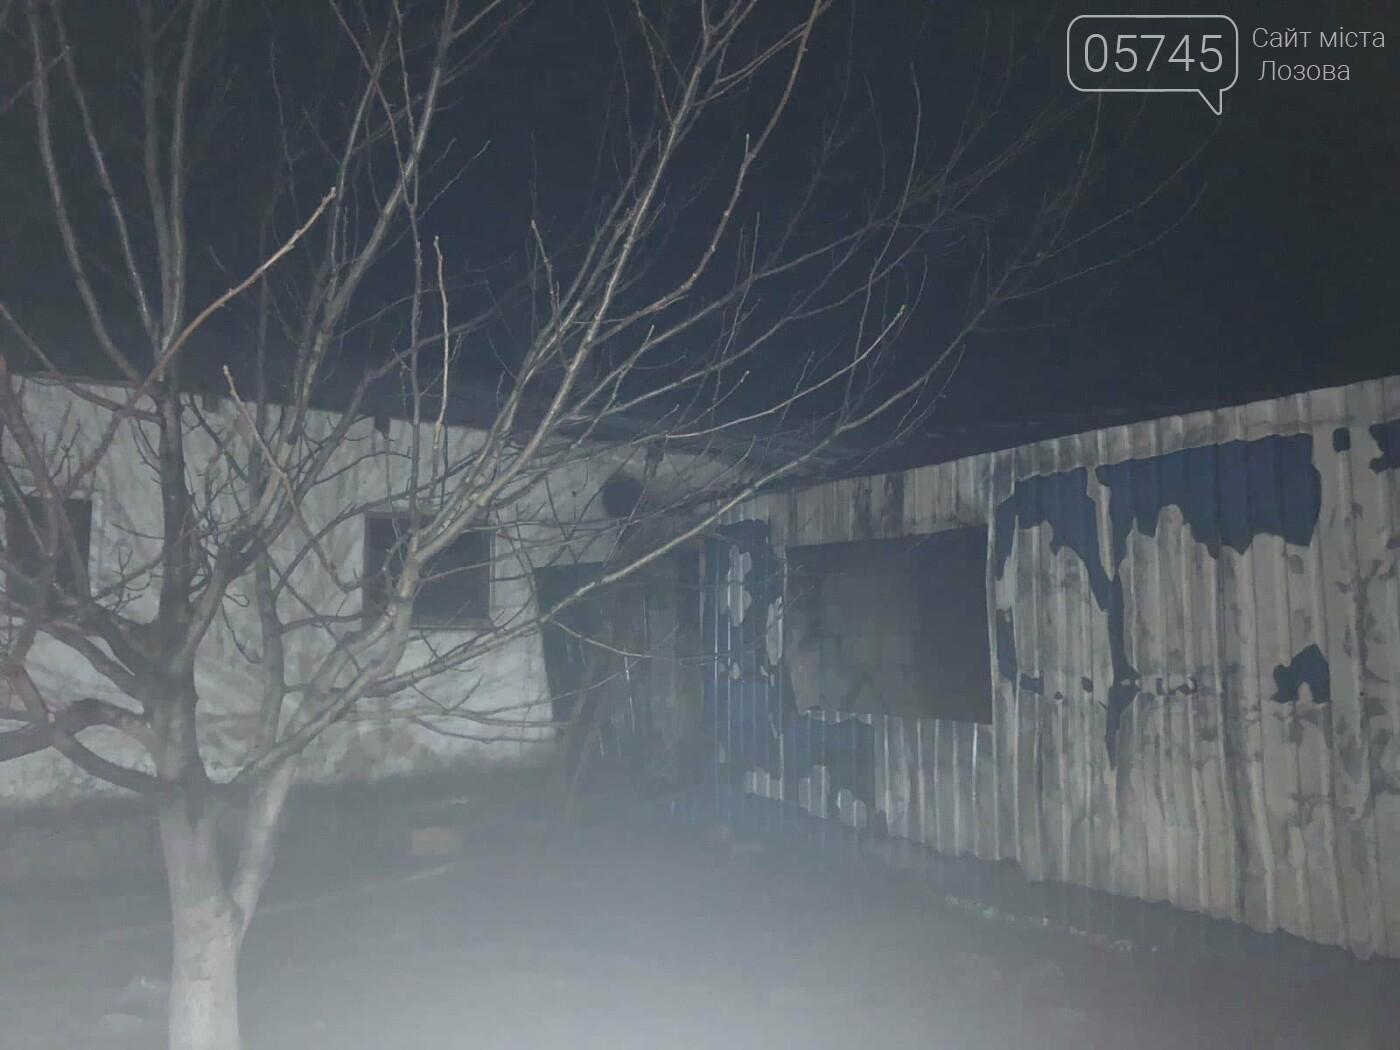 На Лозовщине горел склад фермерского хозяйства: от гибели спасли 150 коров, фото-4